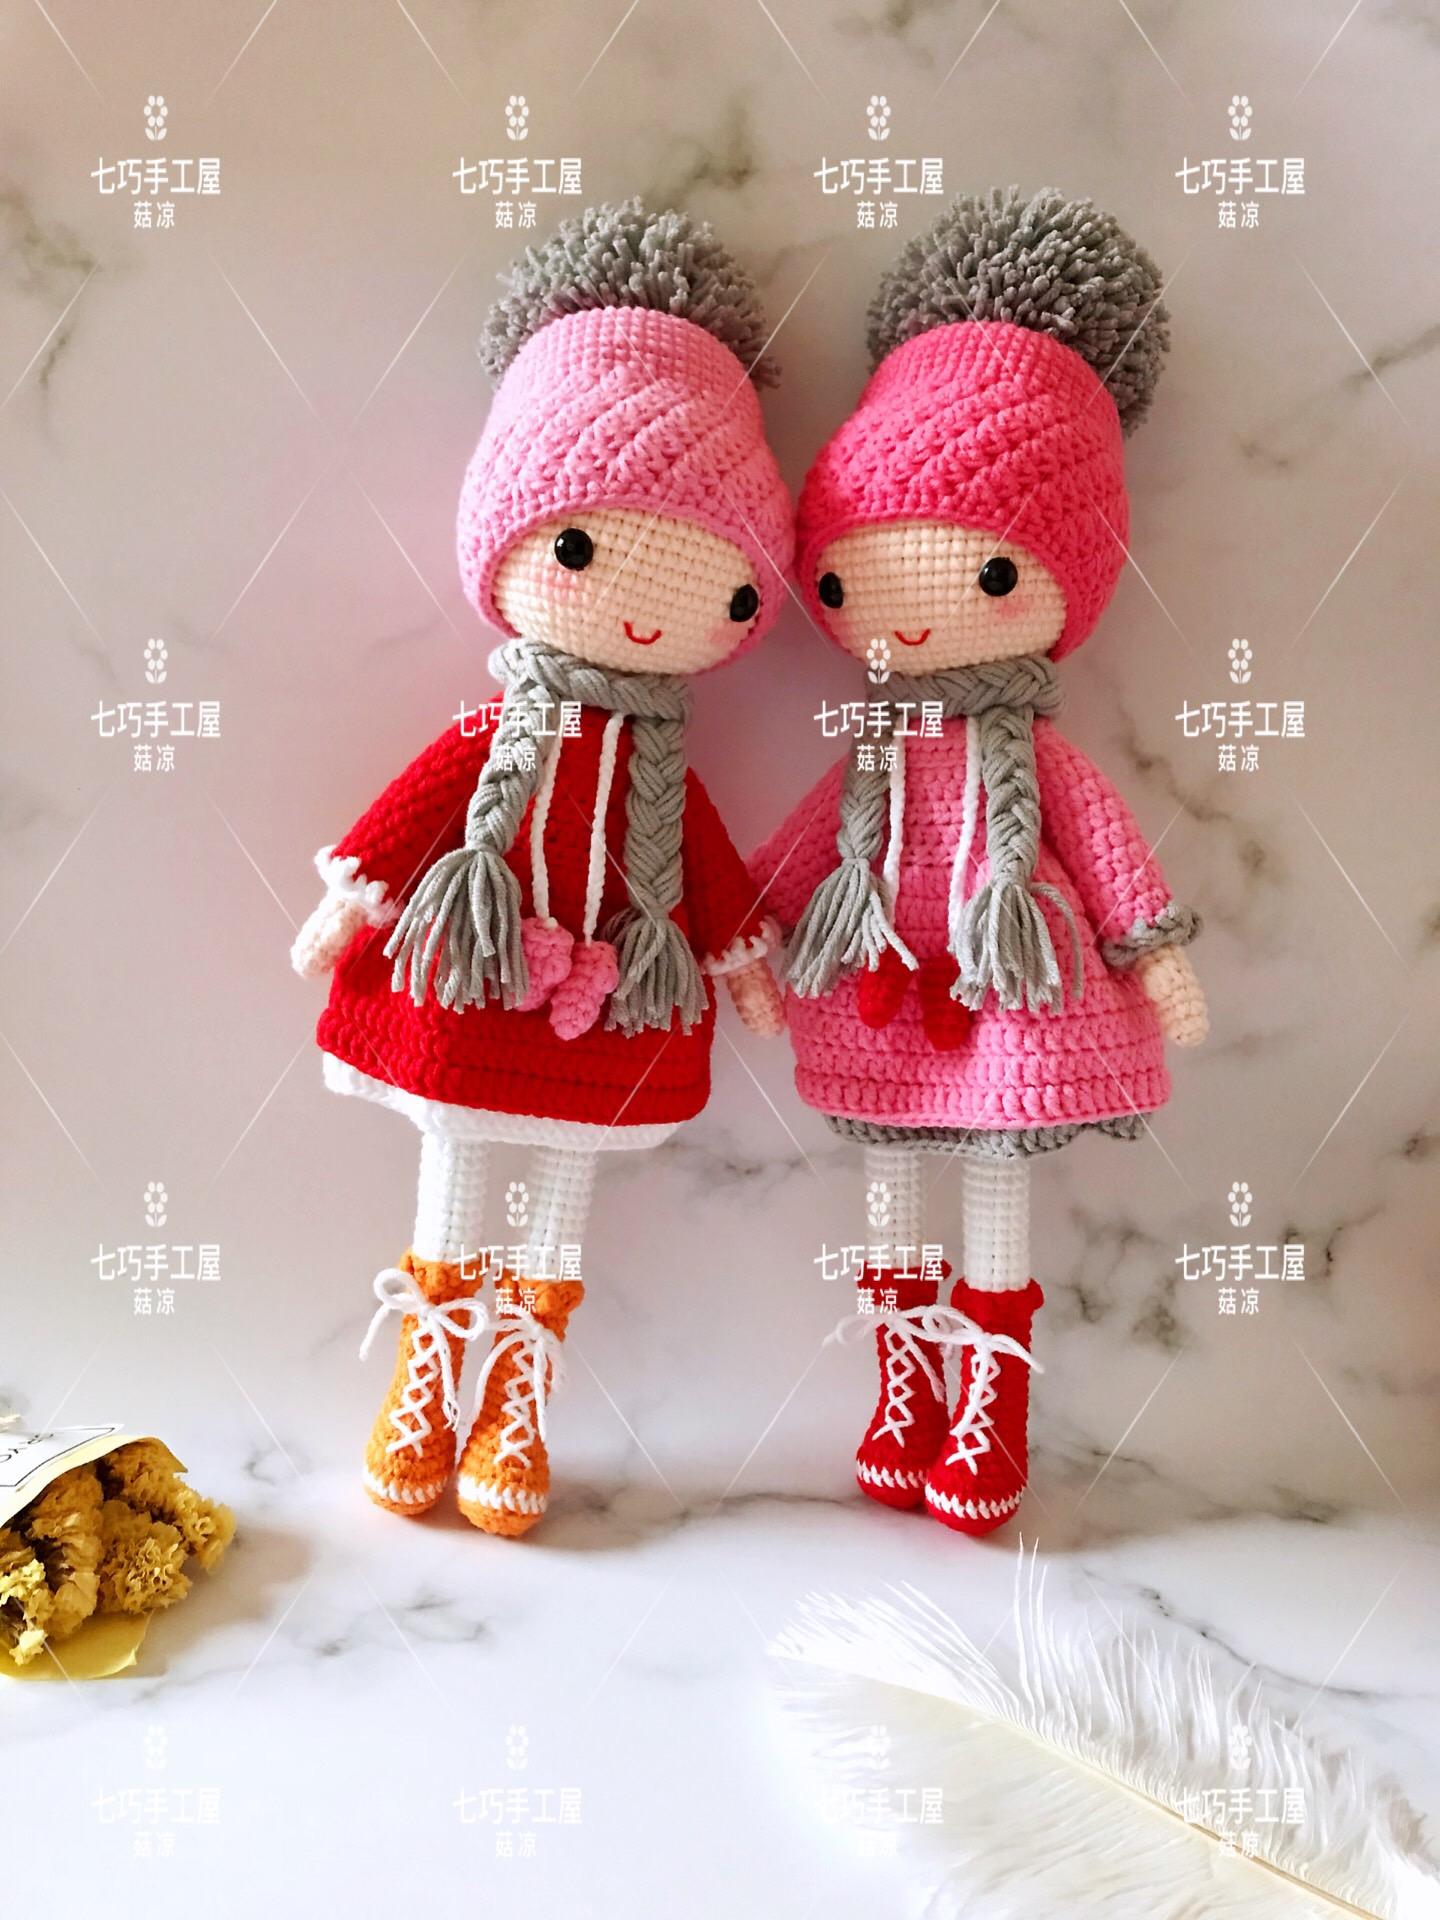 手工钩针编织毛线娃娃雪花娃娃创意玩偶创意礼品定制成品包邮